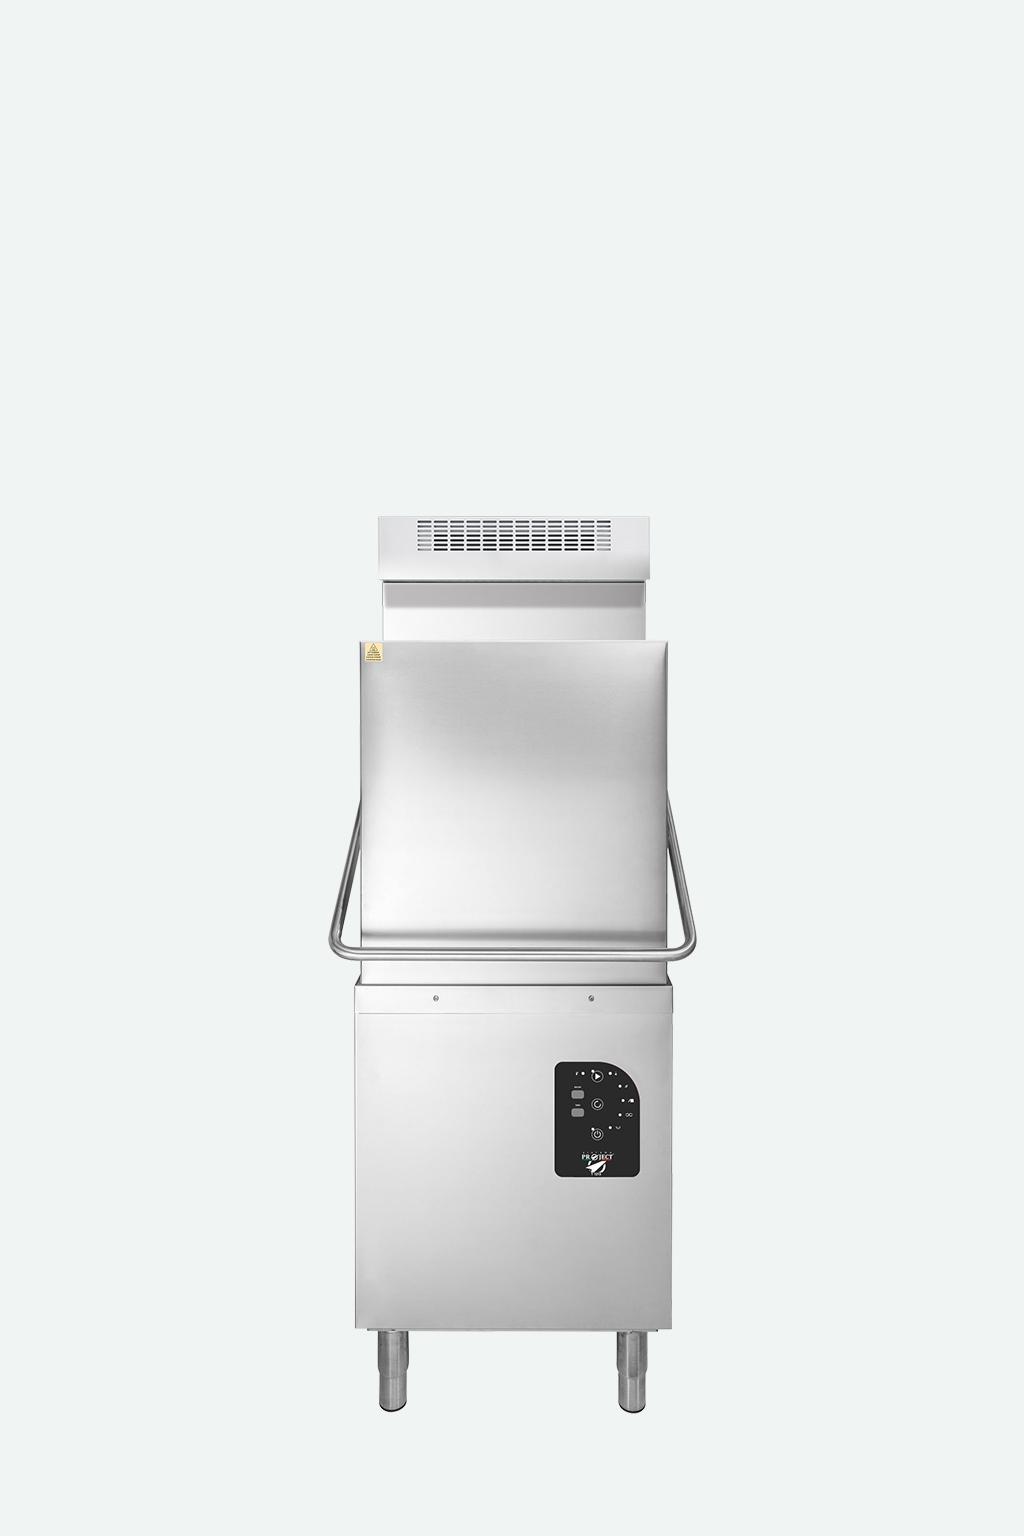 lavastoviglie a capot T215 project system italia